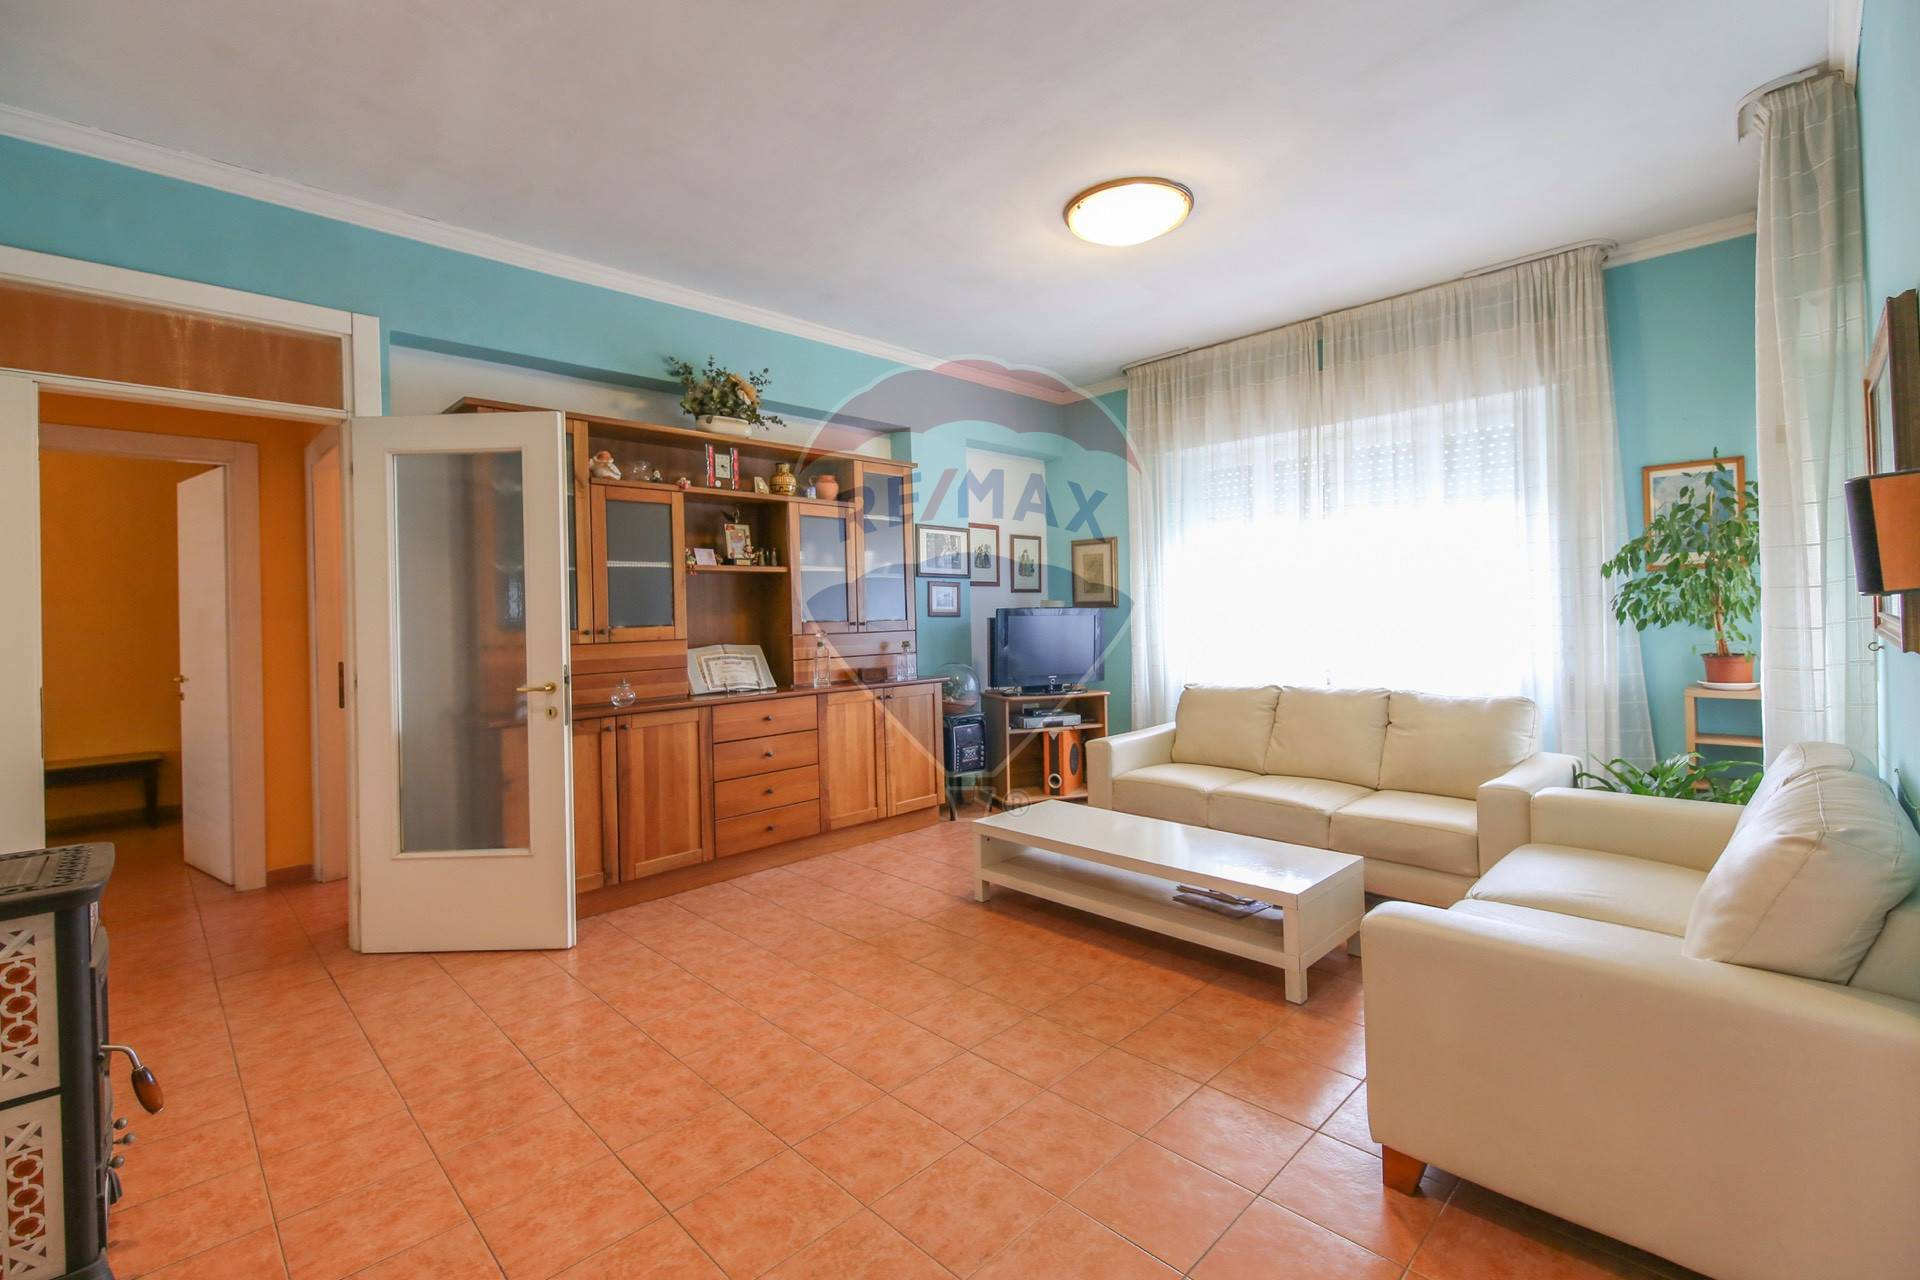 Appartamento in vendita a Loreto, 4 locali, prezzo € 72.000 | CambioCasa.it